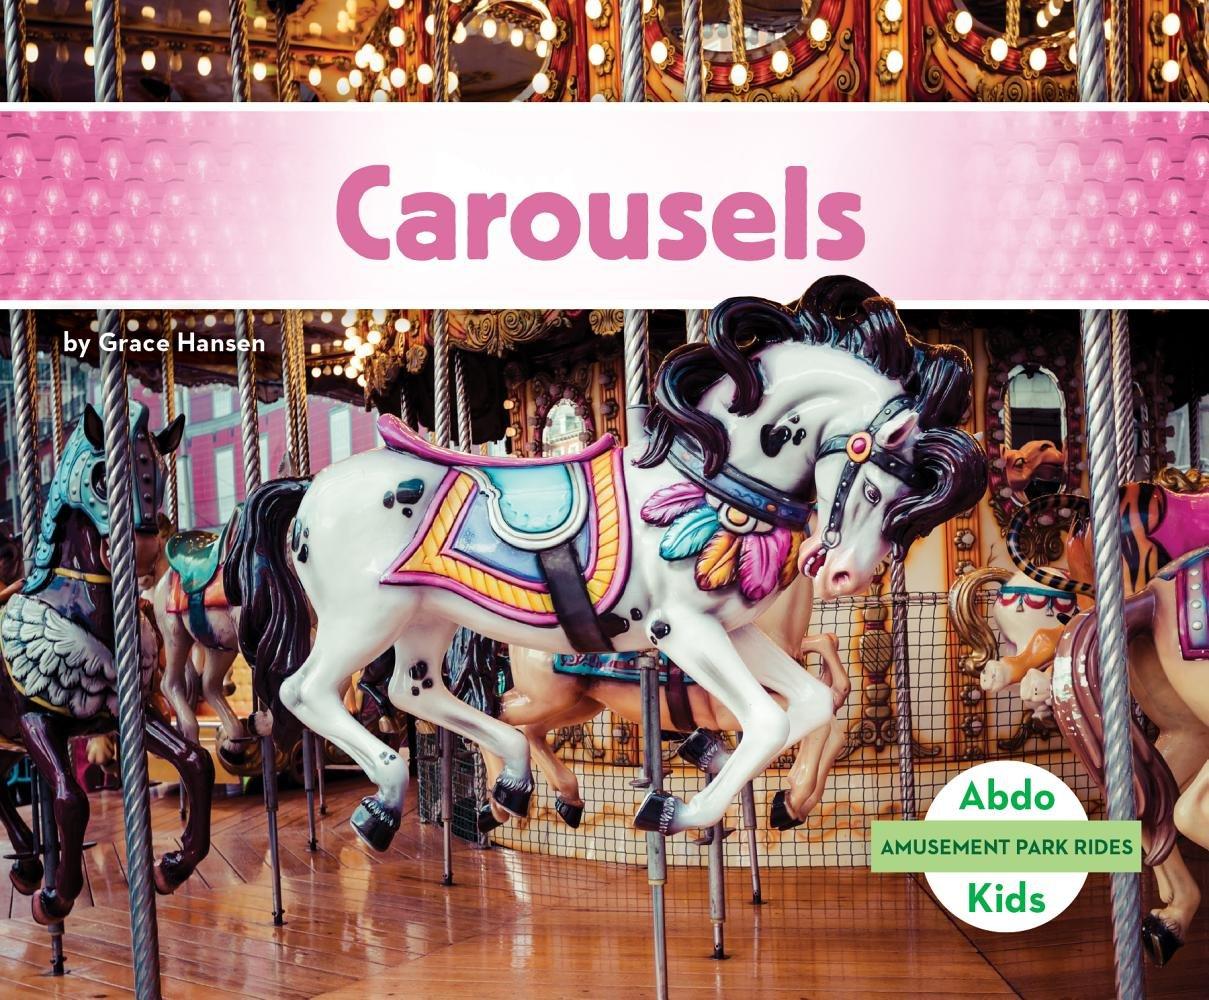 Carousels (Amusement Park Rides)